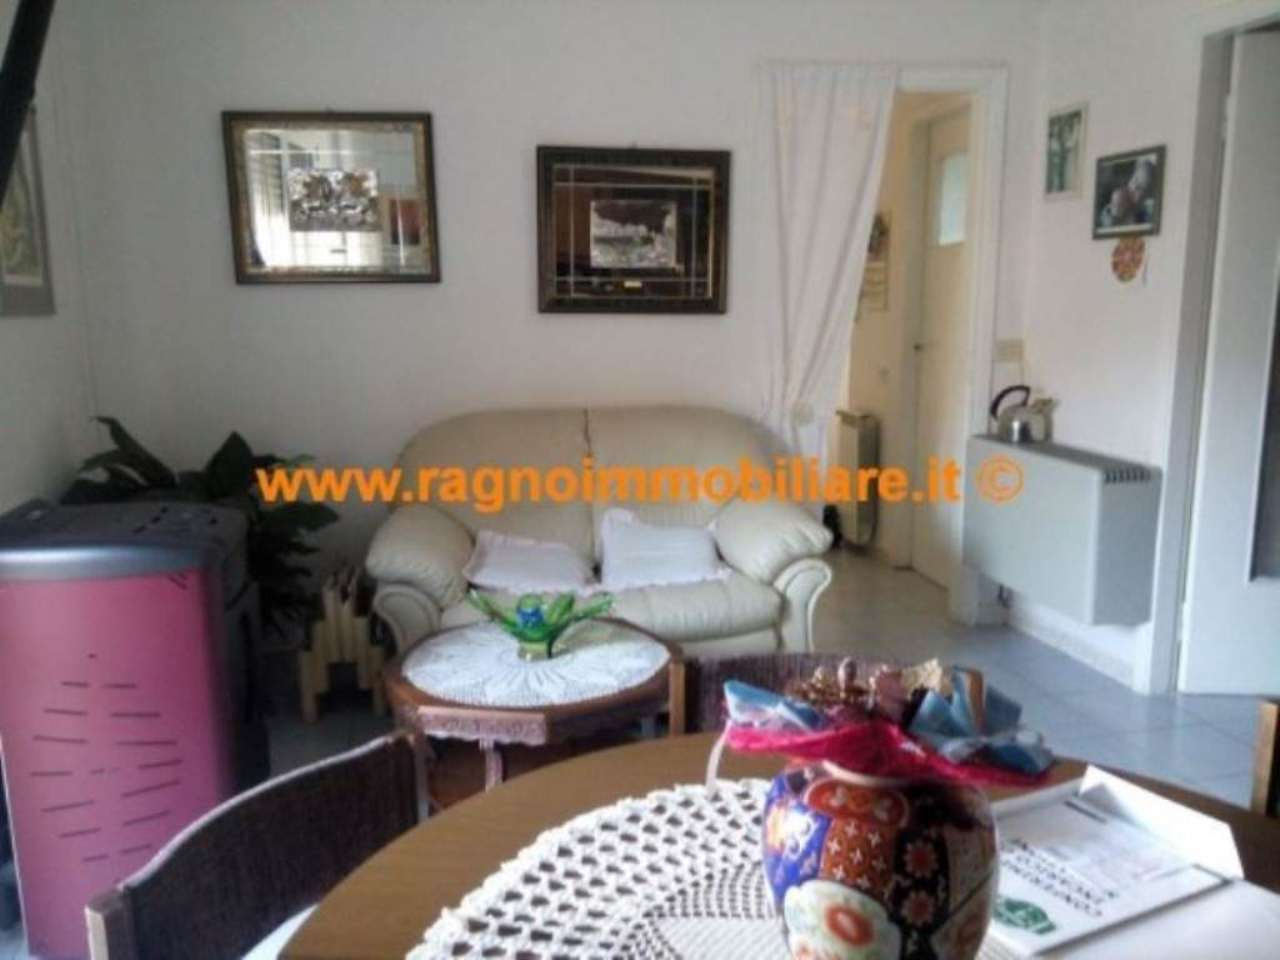 Appartamento in vendita a Casarile, 2 locali, prezzo € 79.000 | Cambio Casa.it